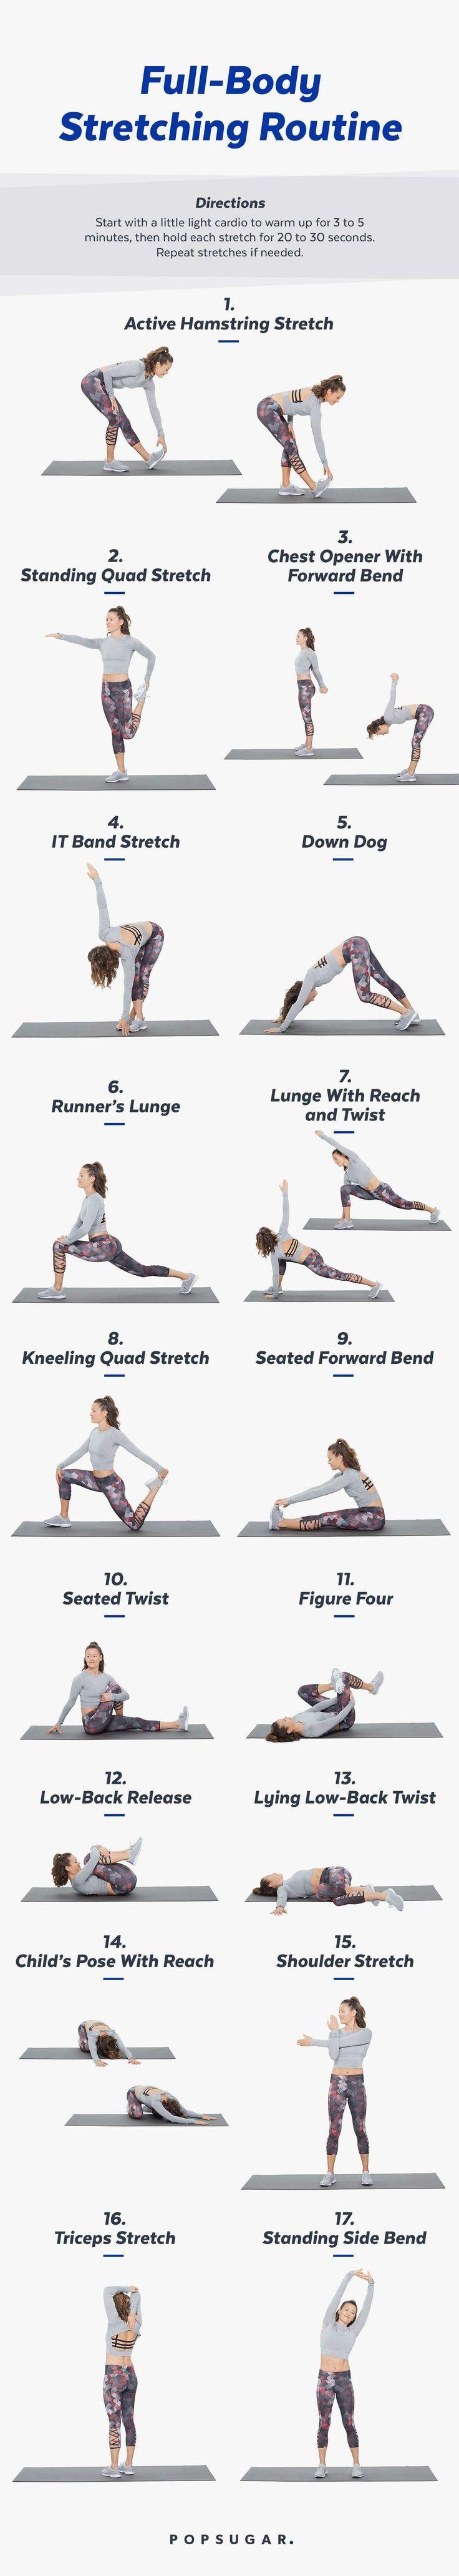 Bleiben Sie flexibel und strecken Sie sich - #Bleiben #flexibel #sich #Sie #strecken #und #warm #fitnessexercisesathome